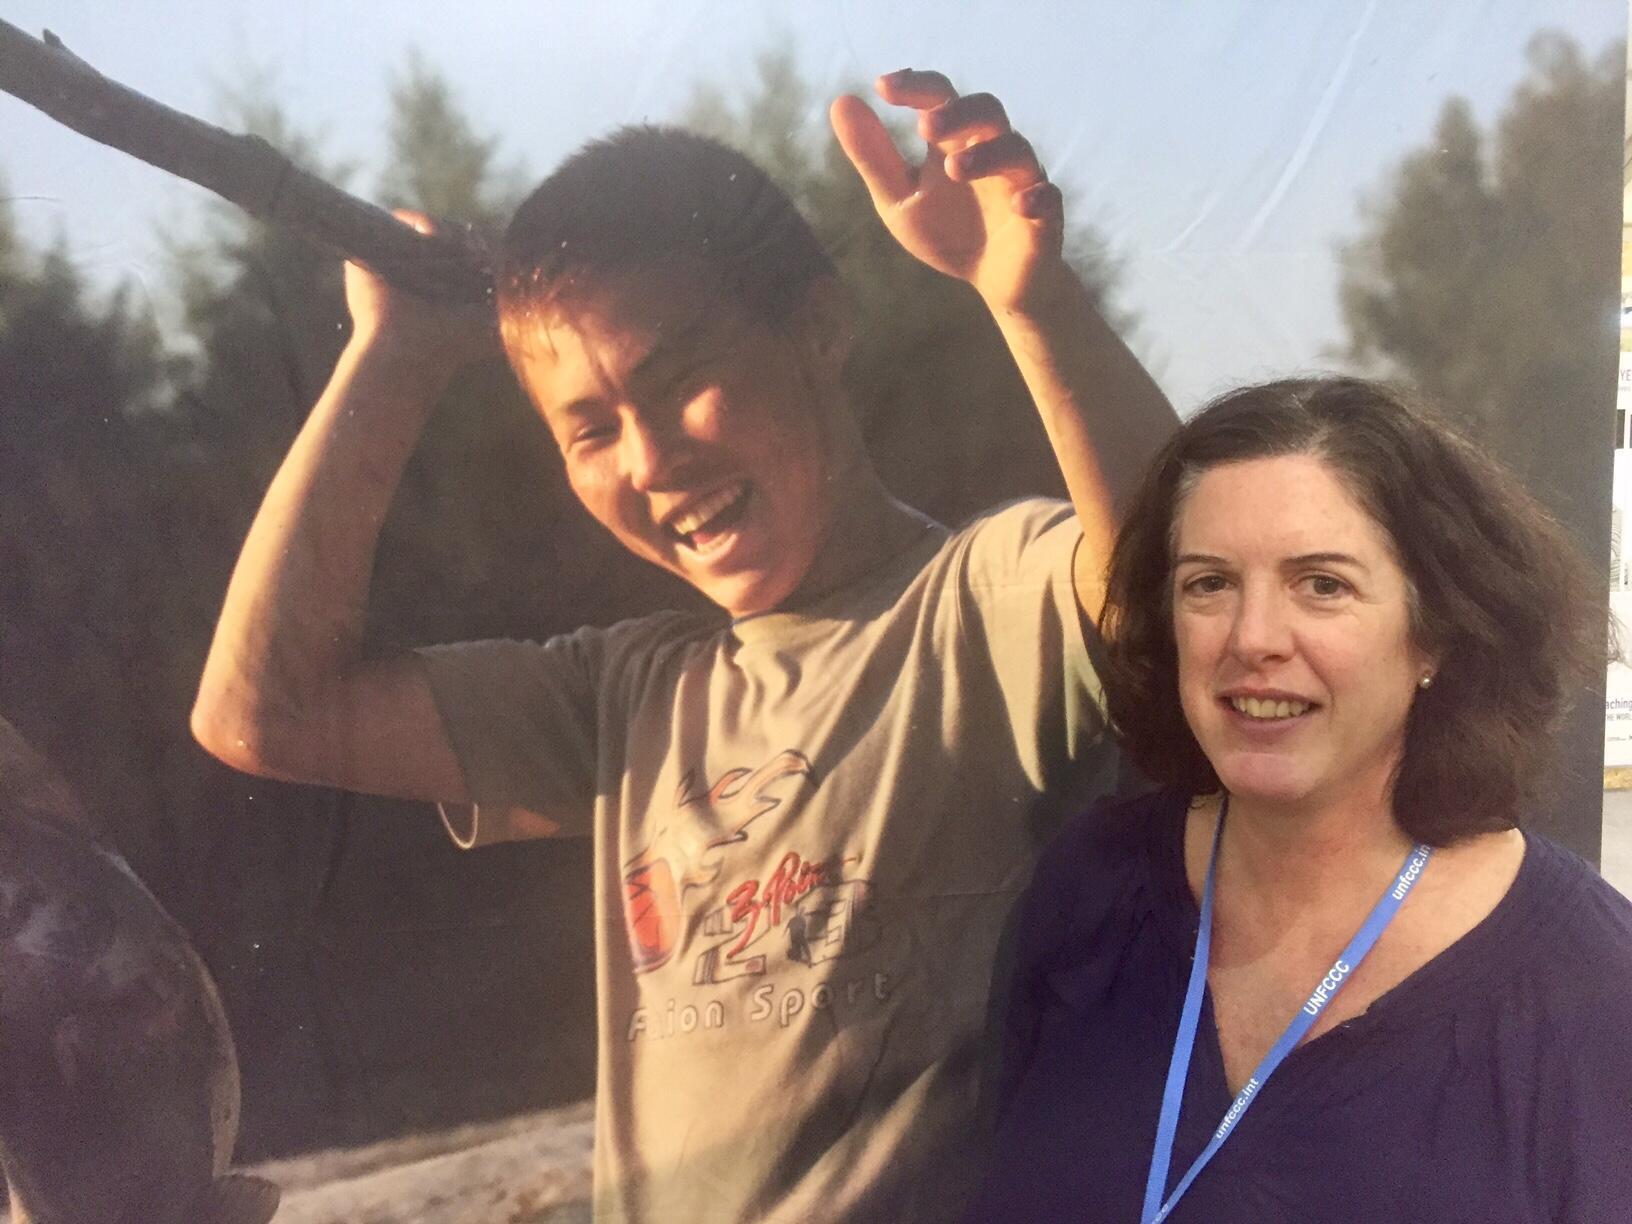 La chercheuse anglaise Krystyna Swiderska estime que les populations autochtones sont les plus affectées par le réchauffement climatique.